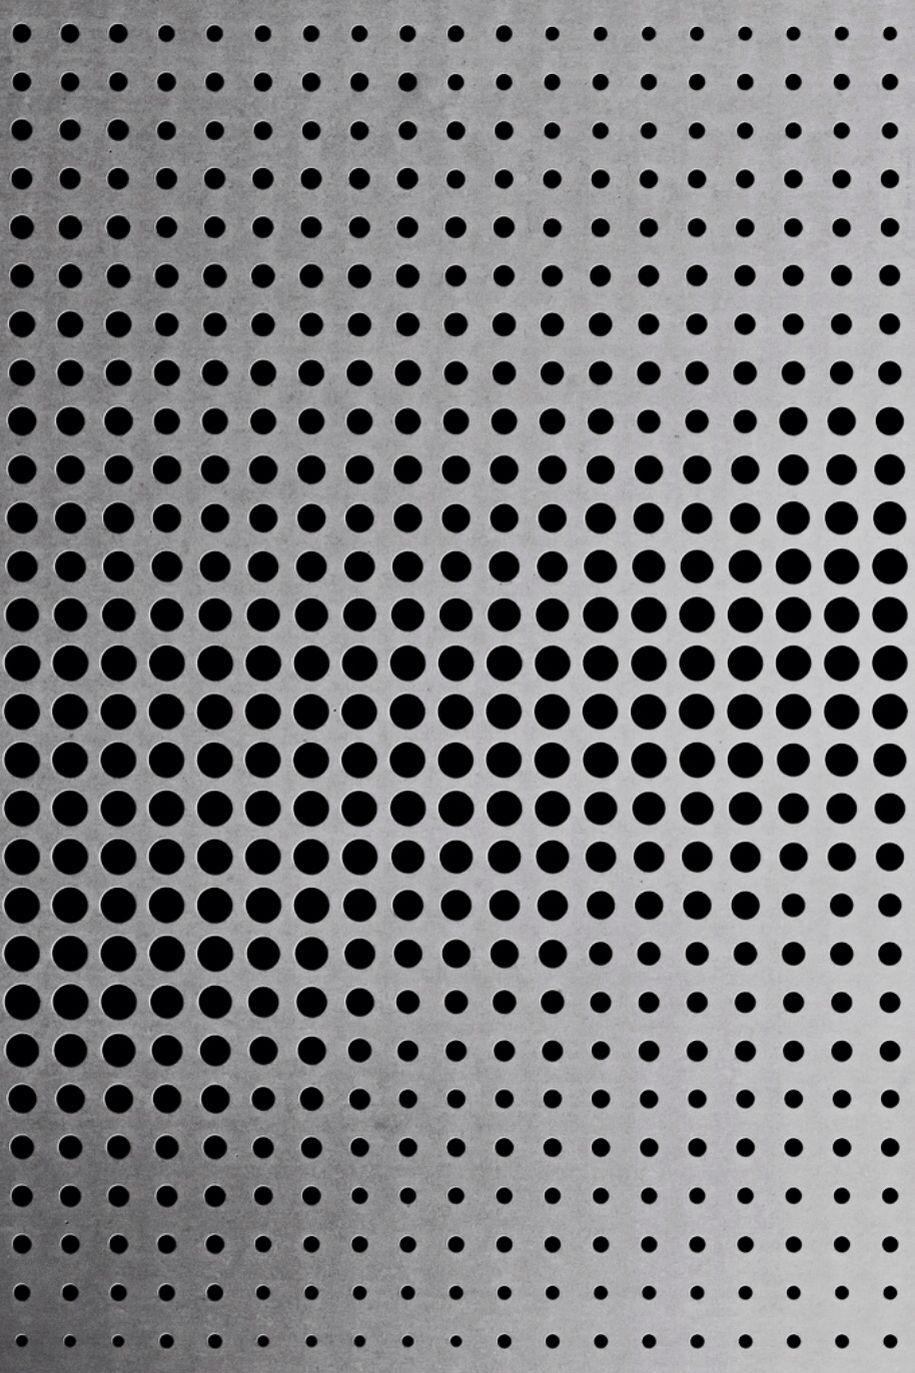 oooOOOOOOoooo........ | Texture Surface Pattern | Pattern ...